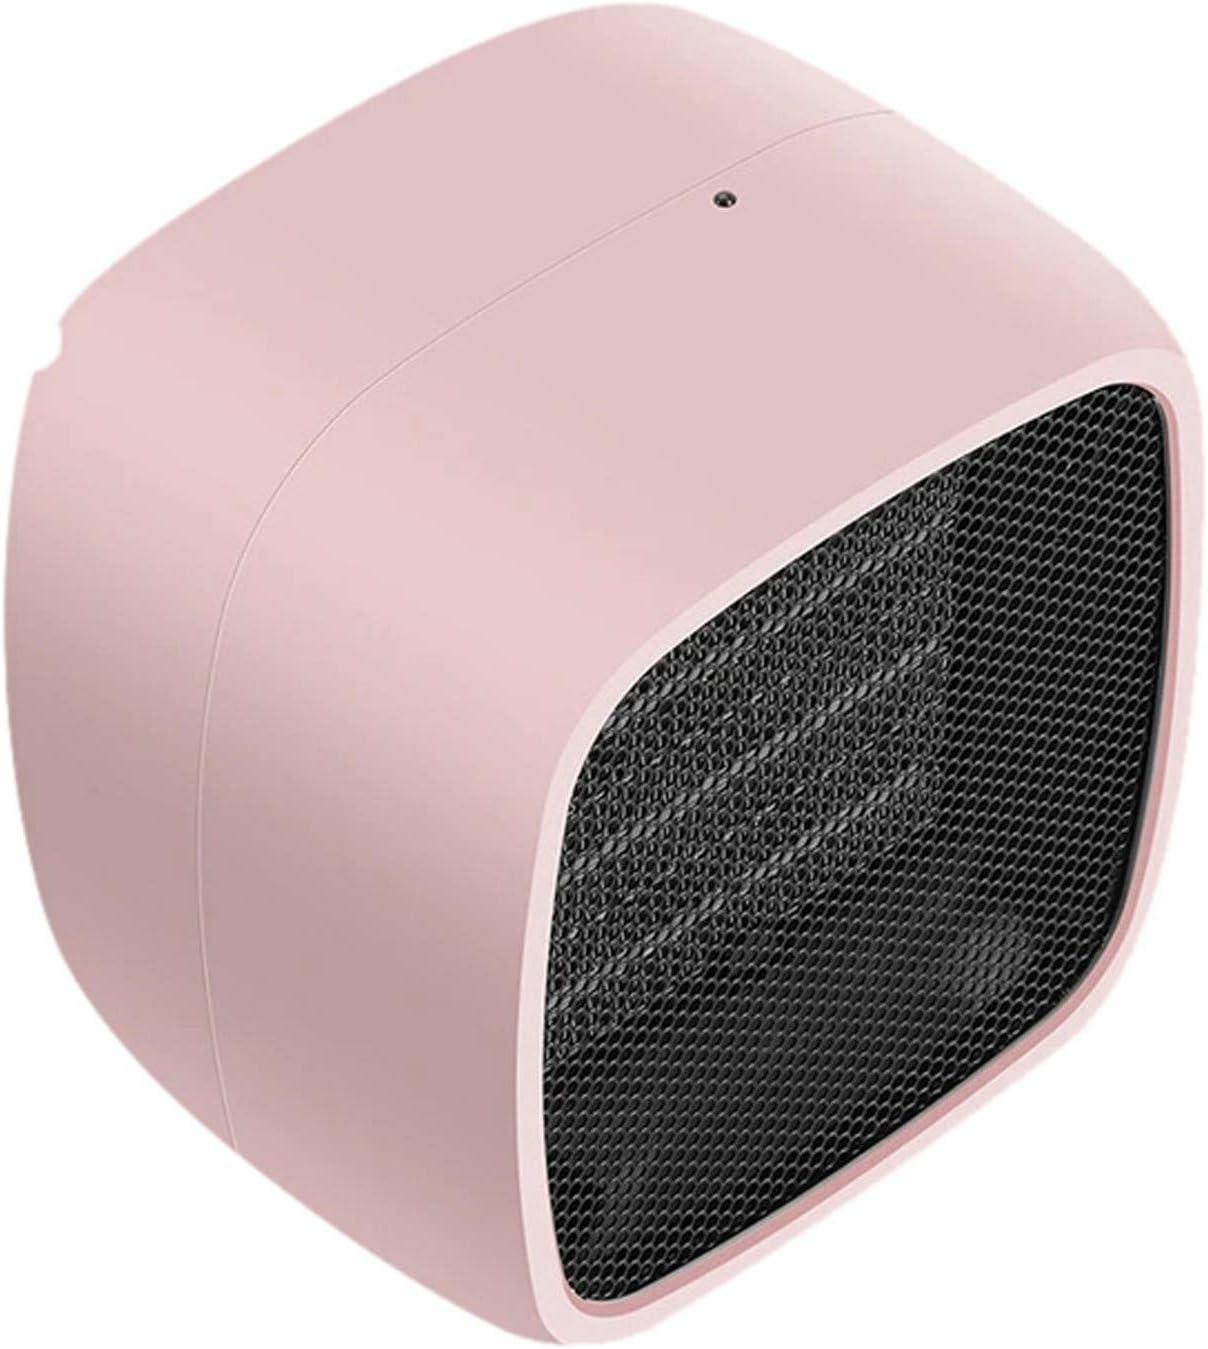 Gpure Mini Calefactor Ventilador 2 Modos Aire Caliente Bajo Consumo Eléctrico 2 s Calentamiento Rápido Silence Calefactor Colores Portátil Oficina Sobrecalentamiento Y Vuelco Protección (Rosa)